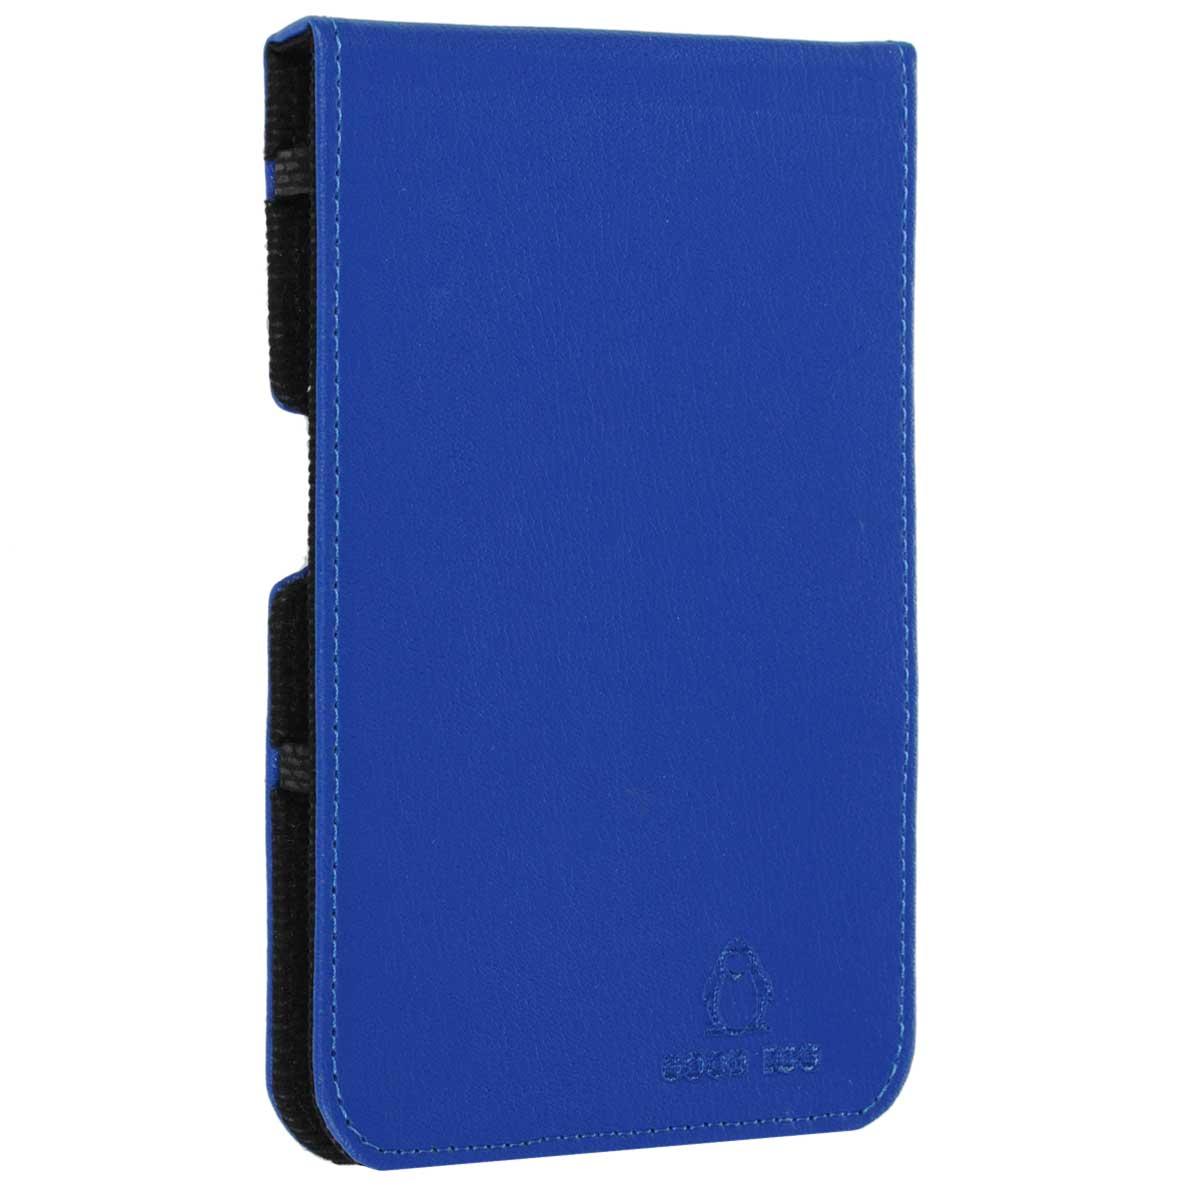 Good Egg Lira чехол для PocketBook 650, BlueGE-PB650LIR2227Чехол GoodEgg Lira для электронной книги PocketBook 650 обеспечивает максимальную защиту экрана при транспортировке благодаря усиленной передней стороне. Он способен надежно защитить устройство от повреждений, повысить его сохранность во время путешествий и сделать более комфортным использование гаджета благодаря свободному доступу ко всем функциональным кнопкам.